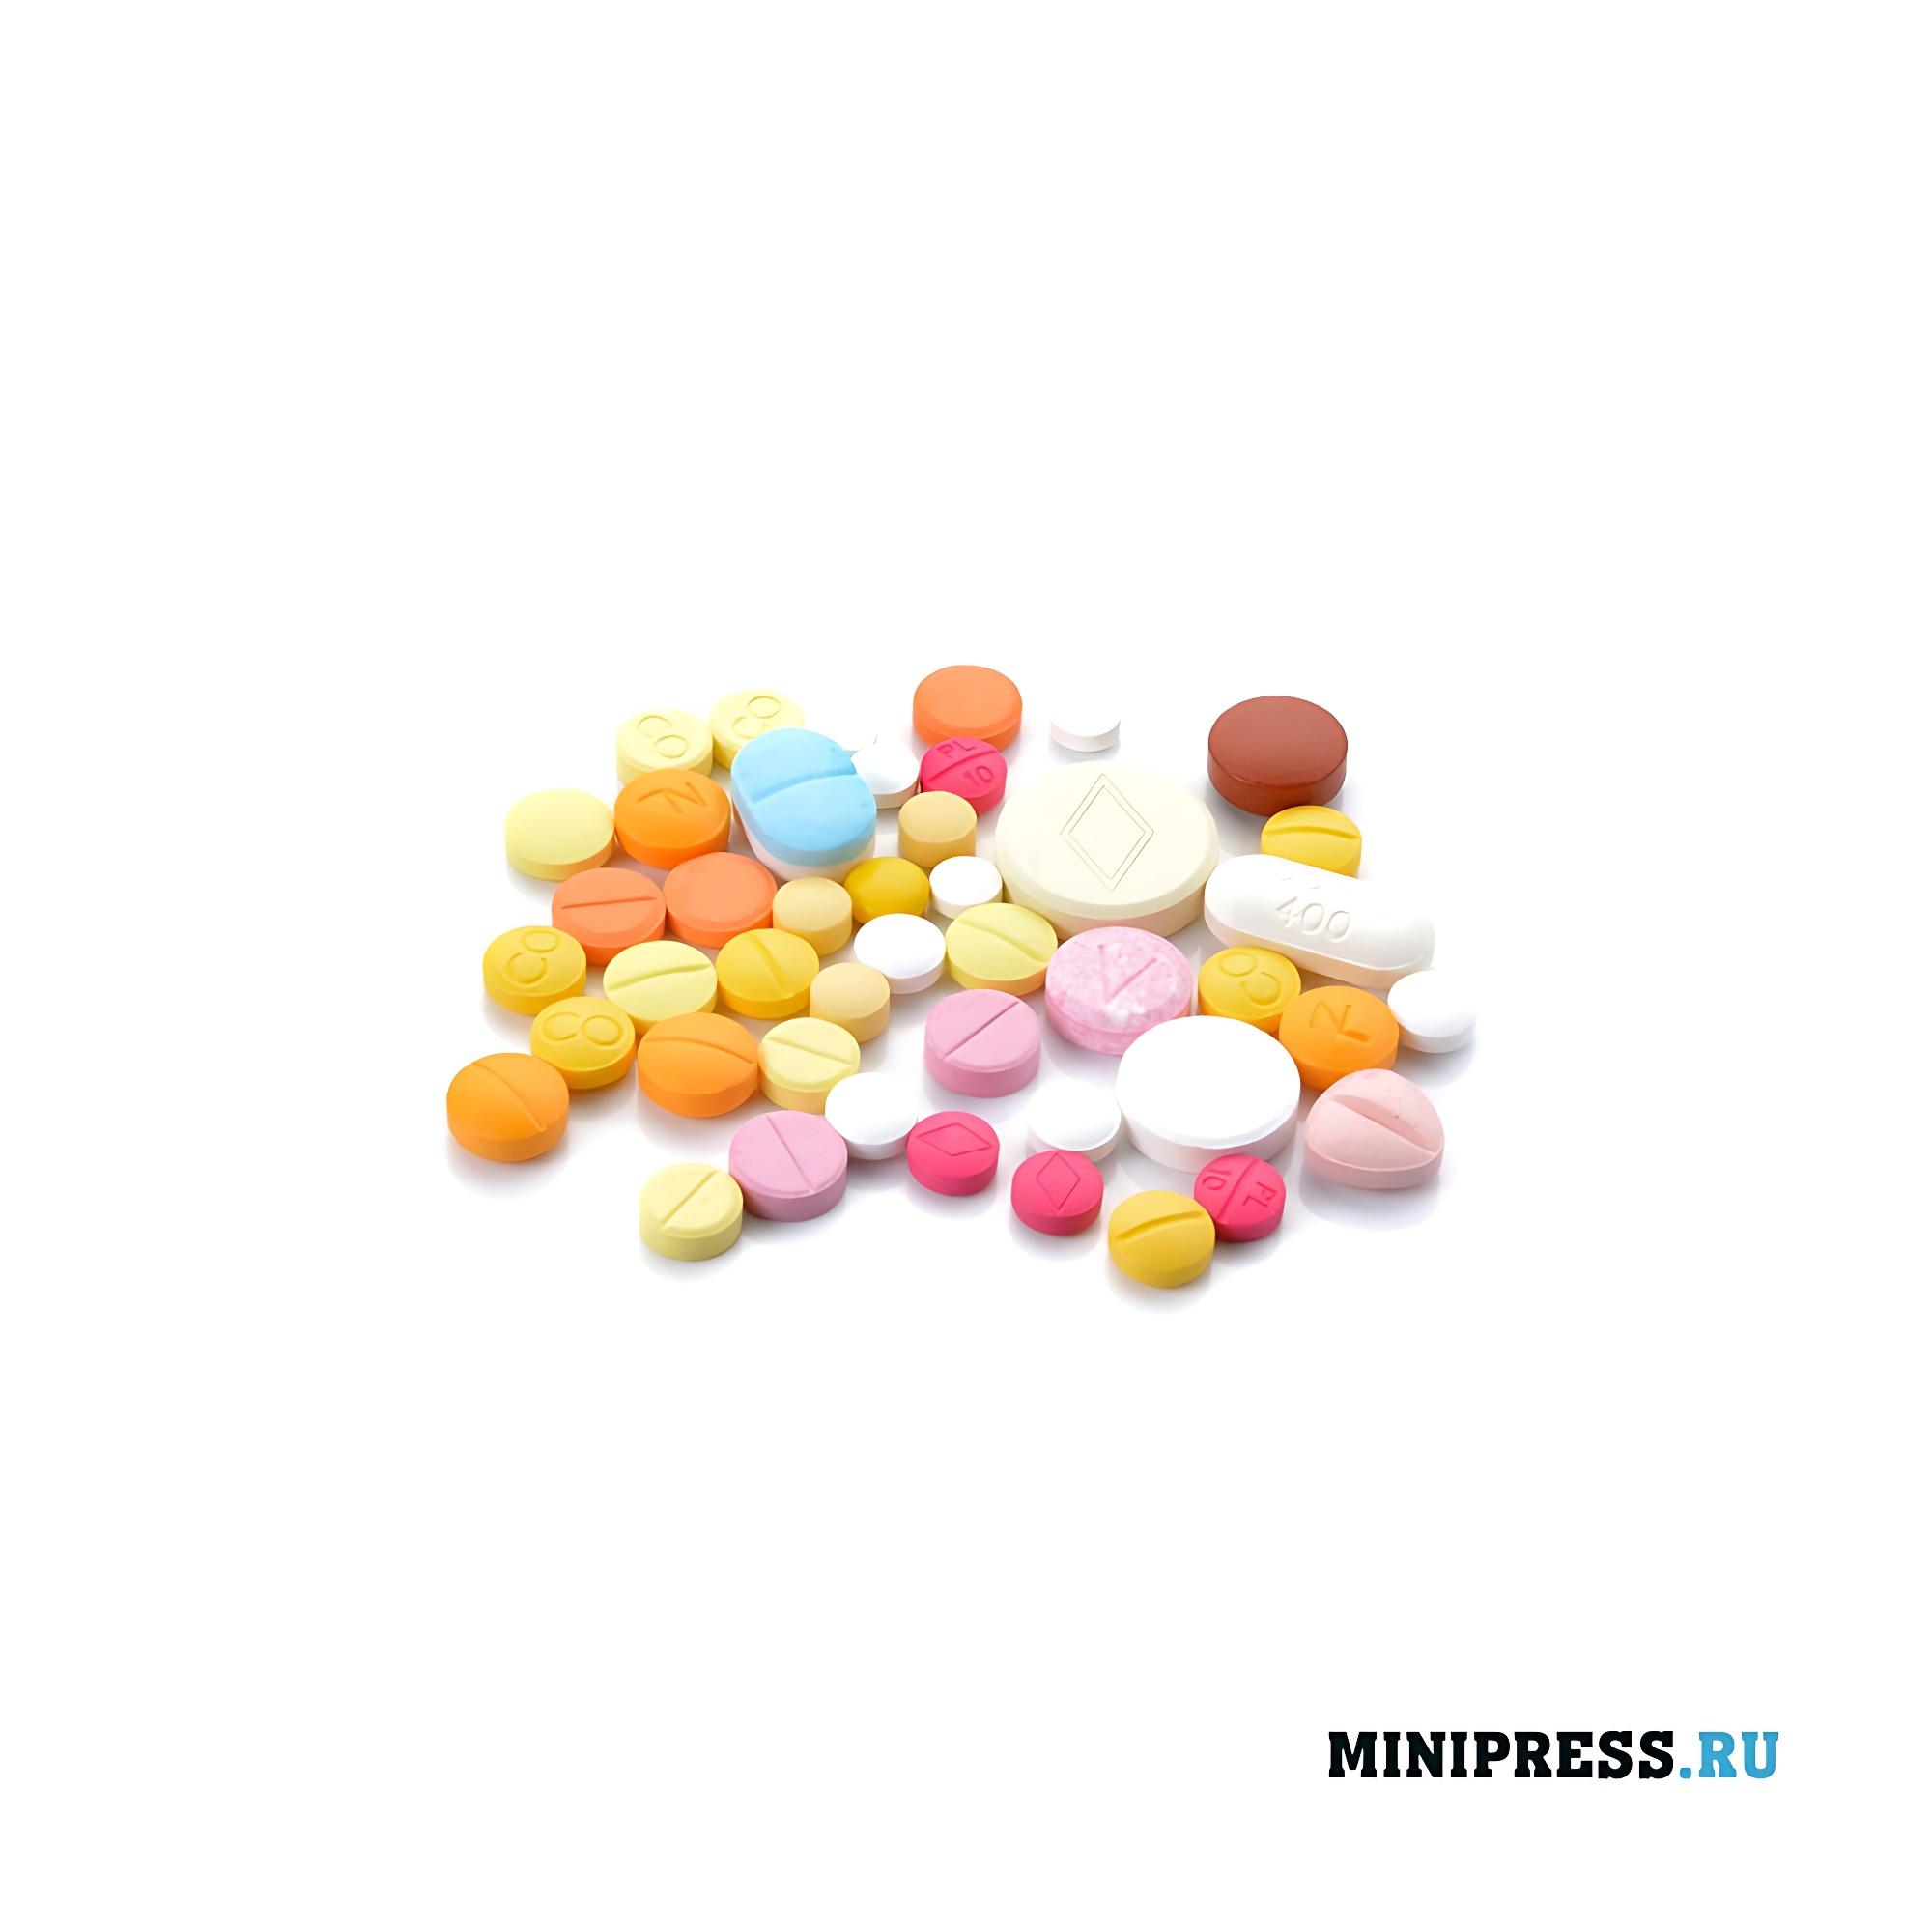 Двухцветные и кольцеобразные таблетки